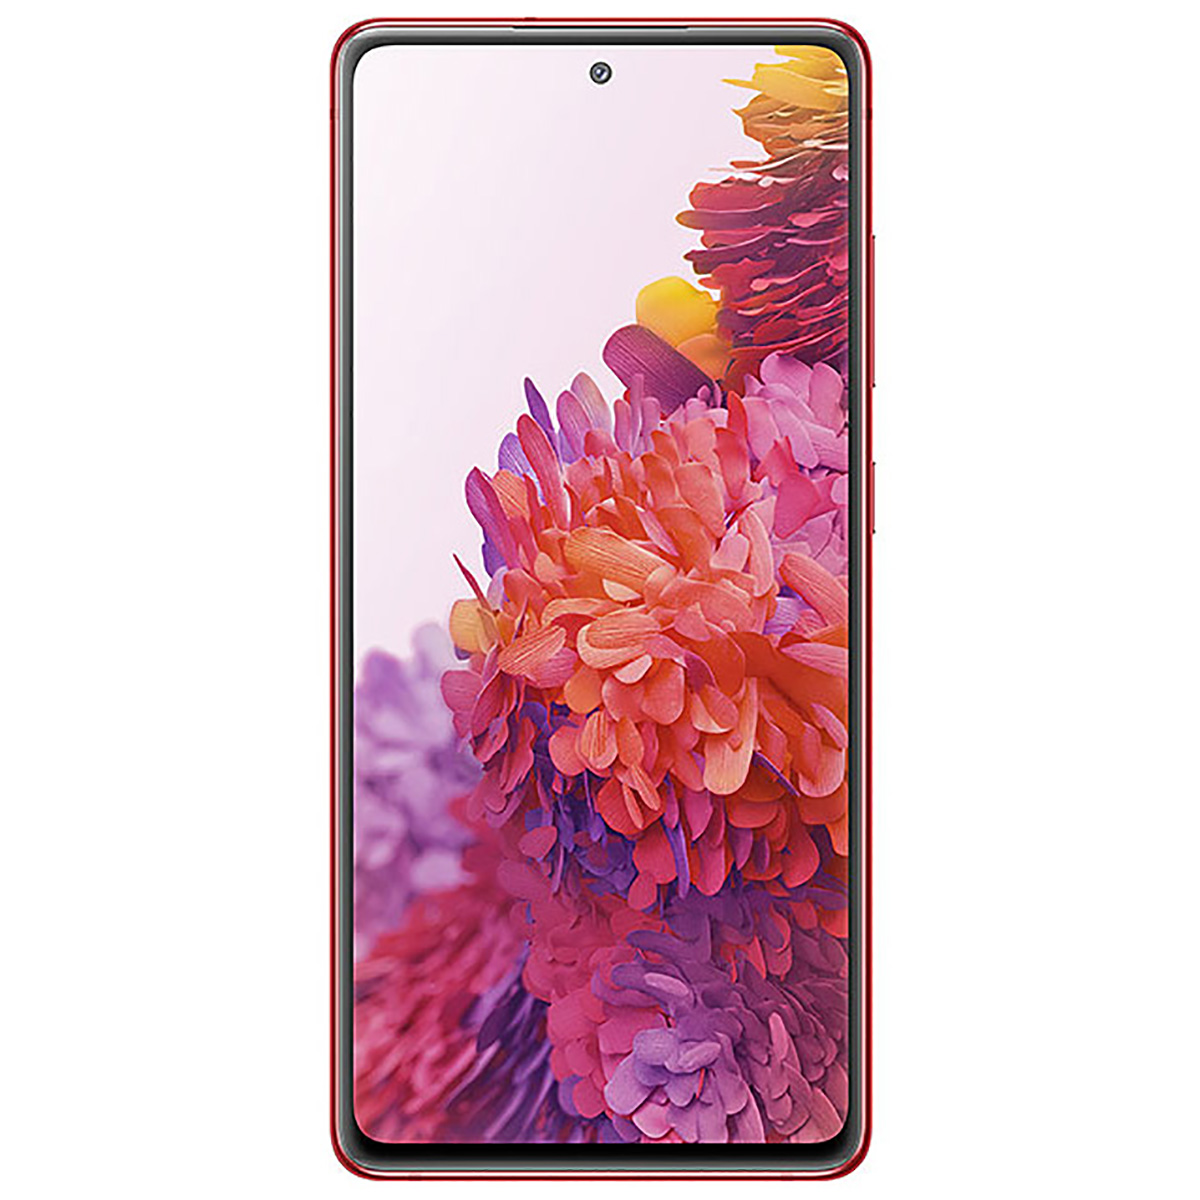 فروش نقدی و اقساطی گوشی موبایل سامسونگ مدل Galaxy S20 FE 5G SM-G781B/DS دو سیم کارت ظرفیت 128 گیگابایت و رم 8 گیگابایت